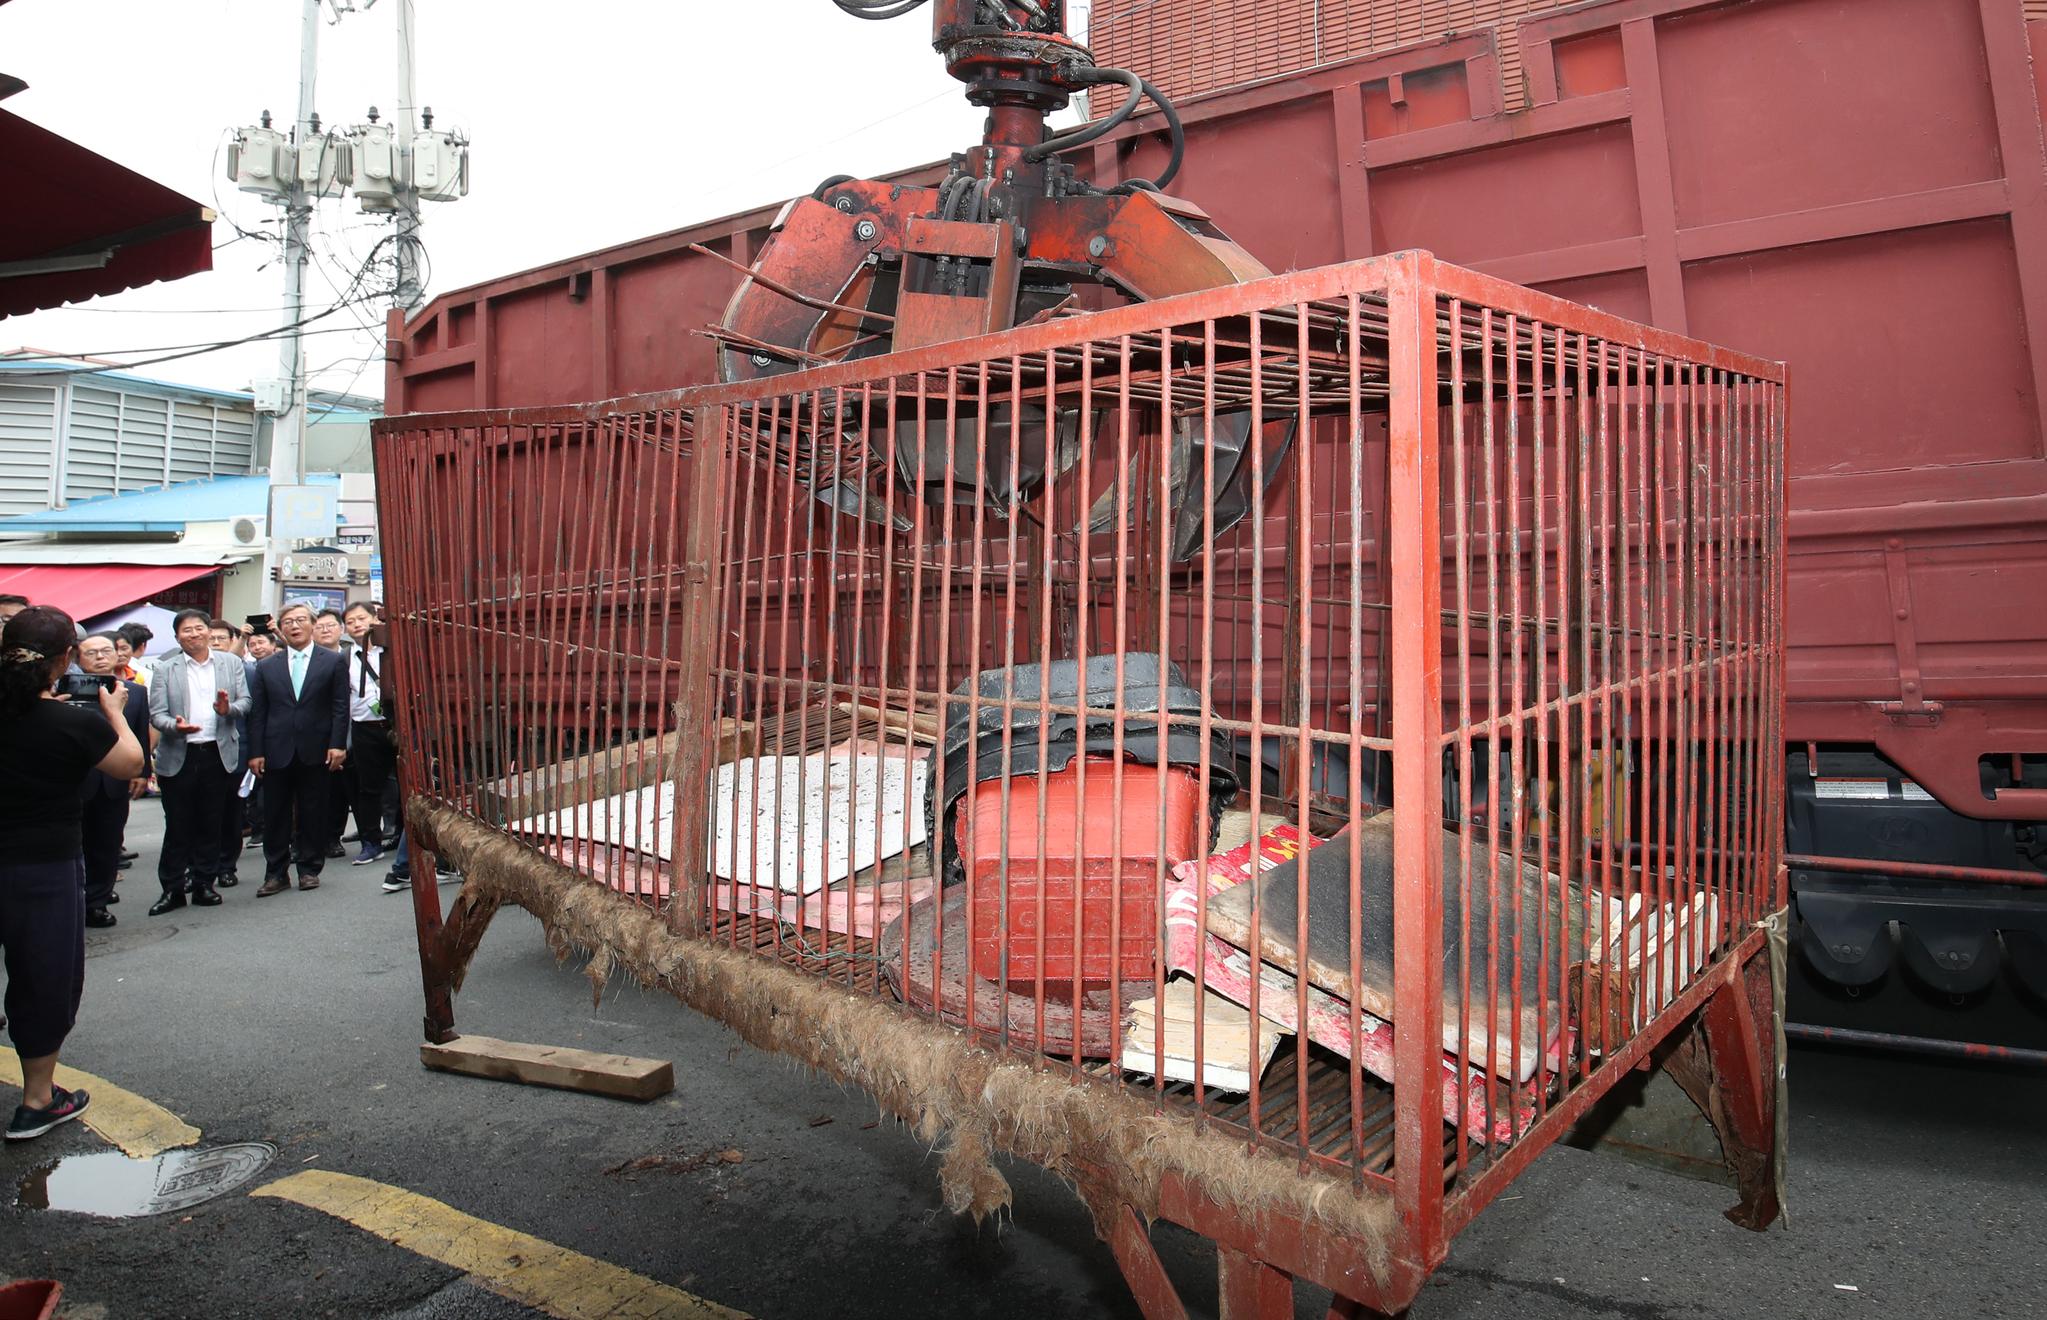 1일 오후 부산 북구 구포시장 내 가축시장에서 동물을 가두는 용도로 사용했던 철제 붉은색 우리가 철거되고 있다. 이날 구조된 반려동물들은 이 붉은색 우리에서 죽음을 기다리고 있었다.[뉴스1]